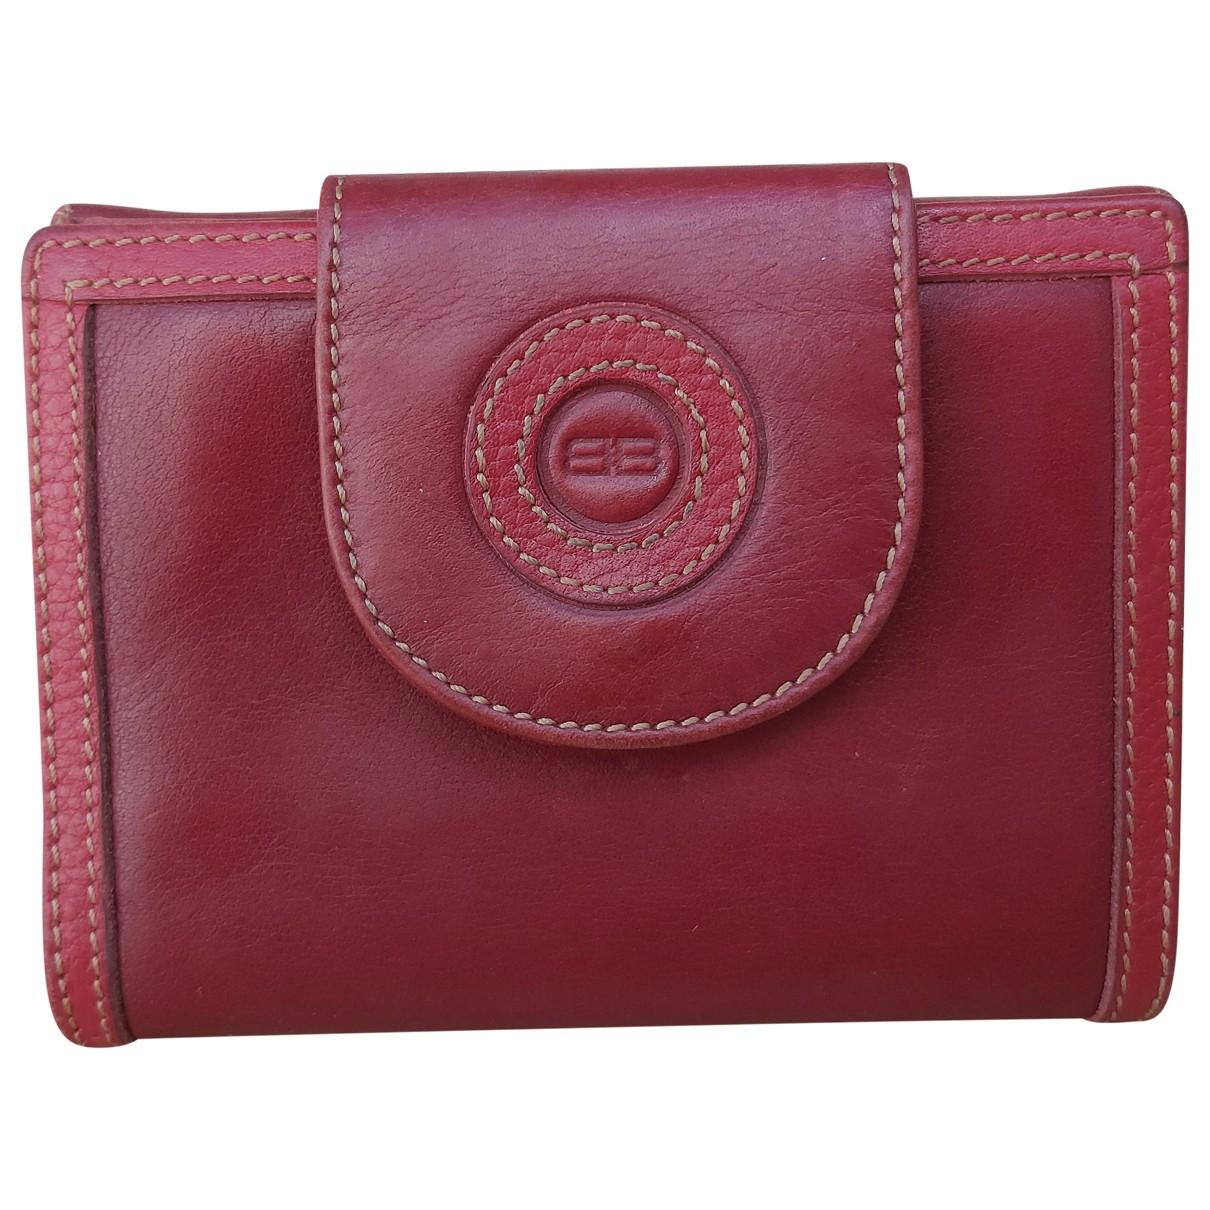 Balenciaga \N Portemonnaie in  Rot Leder